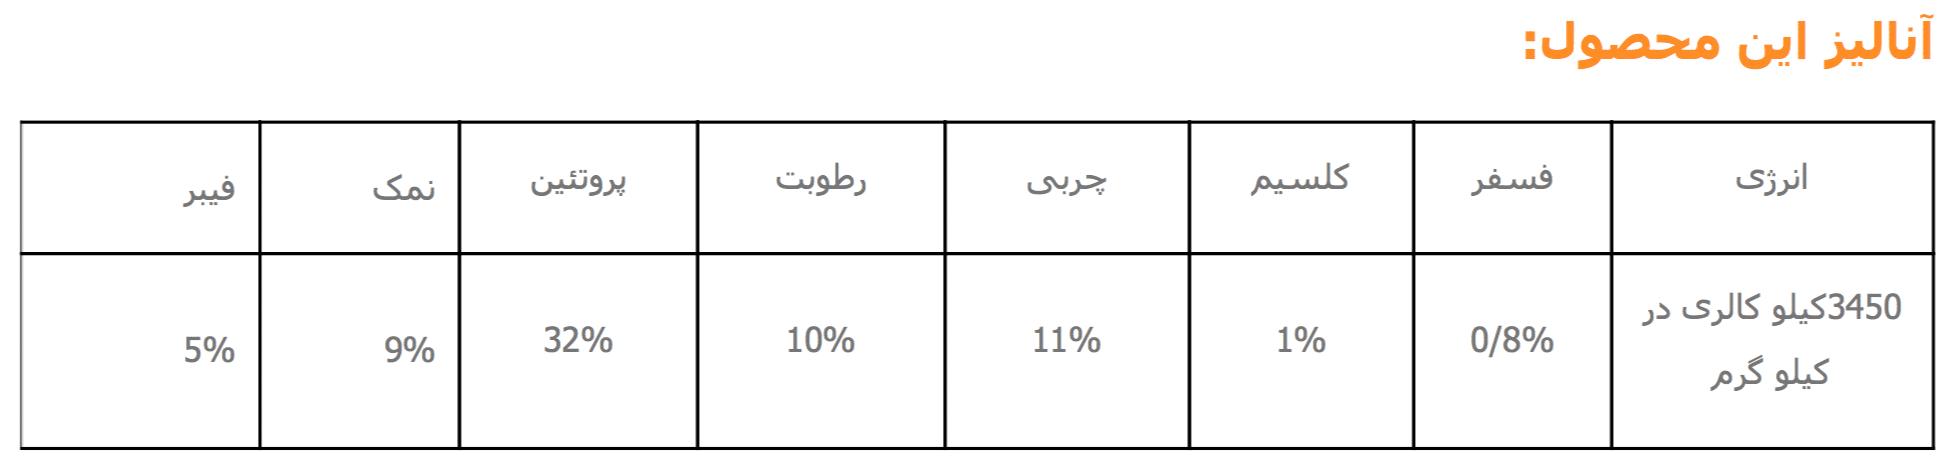 Product Analyze NutriPet Dry Kitten Food 32% 1 kg